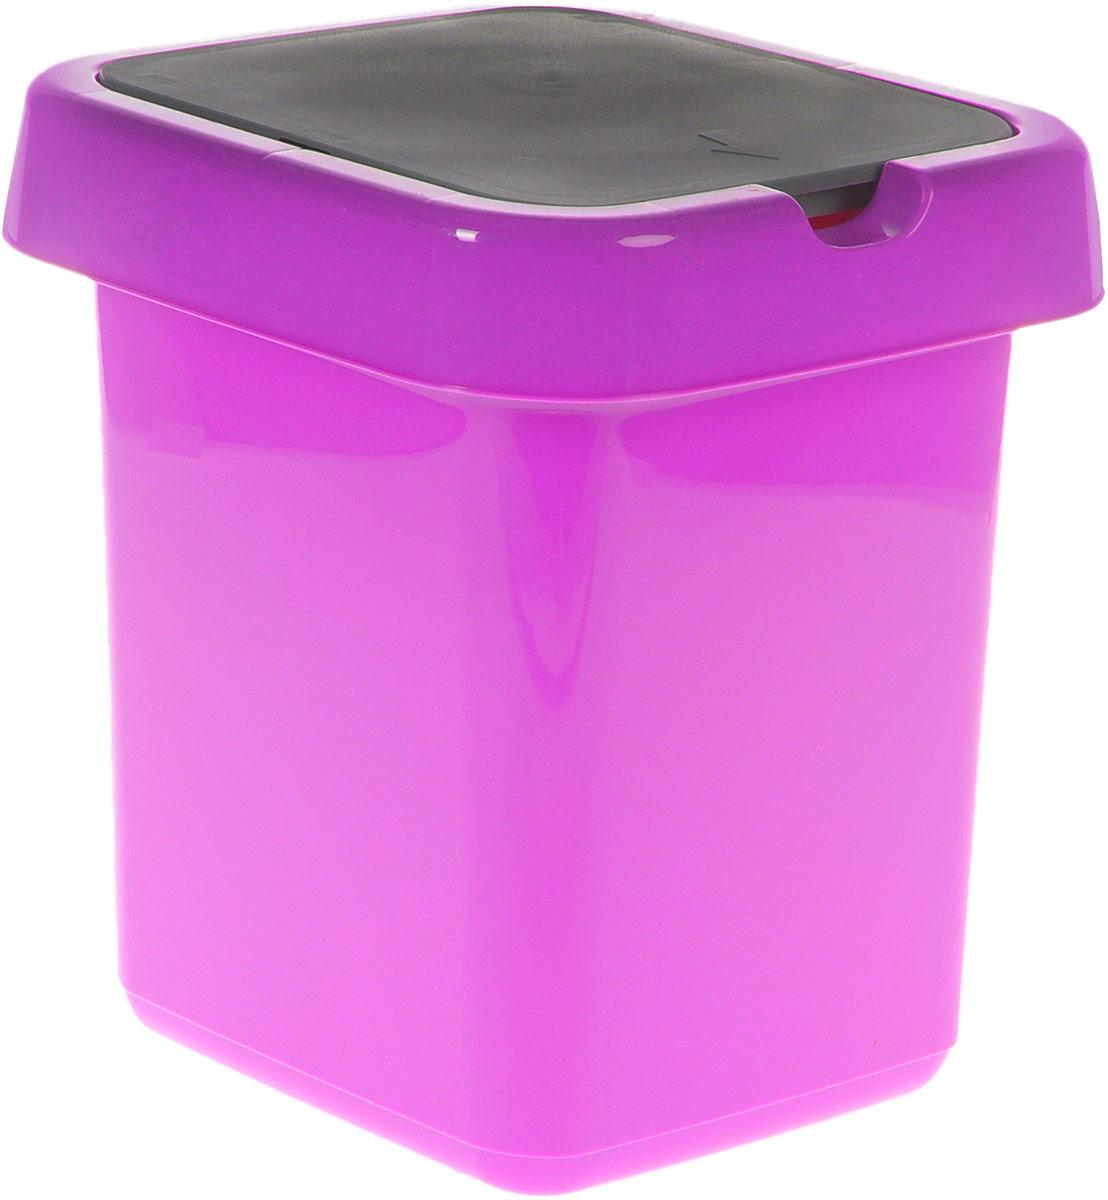 Контейнер для мусора Svip Квадра, цвет: фиолетовый, серый, 9 л787502Мусорный контейнер Svip Квадра поможет поддержать порядок и чистоту на кухне, в туалетной комнате или в офисе. Изделие, выполненное из полипропилена, не боится ударов и долгих лет использования. Изделие оснащено крышкой с двойным механизмом открывания, что обеспечивает максимально удобное использование: откидной крышкой можно воспользоваться при выбрасывании большого мусора, крышкой-маятником - для мусора меньшего объема. Скрытые борта в корпусе изделия для аккуратного использования одноразовых пакетов и сохранения эстетики изделия. Съемная верхняя часть контейнера обеспечивает удобство извлечения накопившегося мусора. Эстетика изделия превращает необходимый предмет кухни или туалетной комнаты в стильное дополнение к интерьеру. Его легкость и прочность оптимально решают проблему сбора мусора.